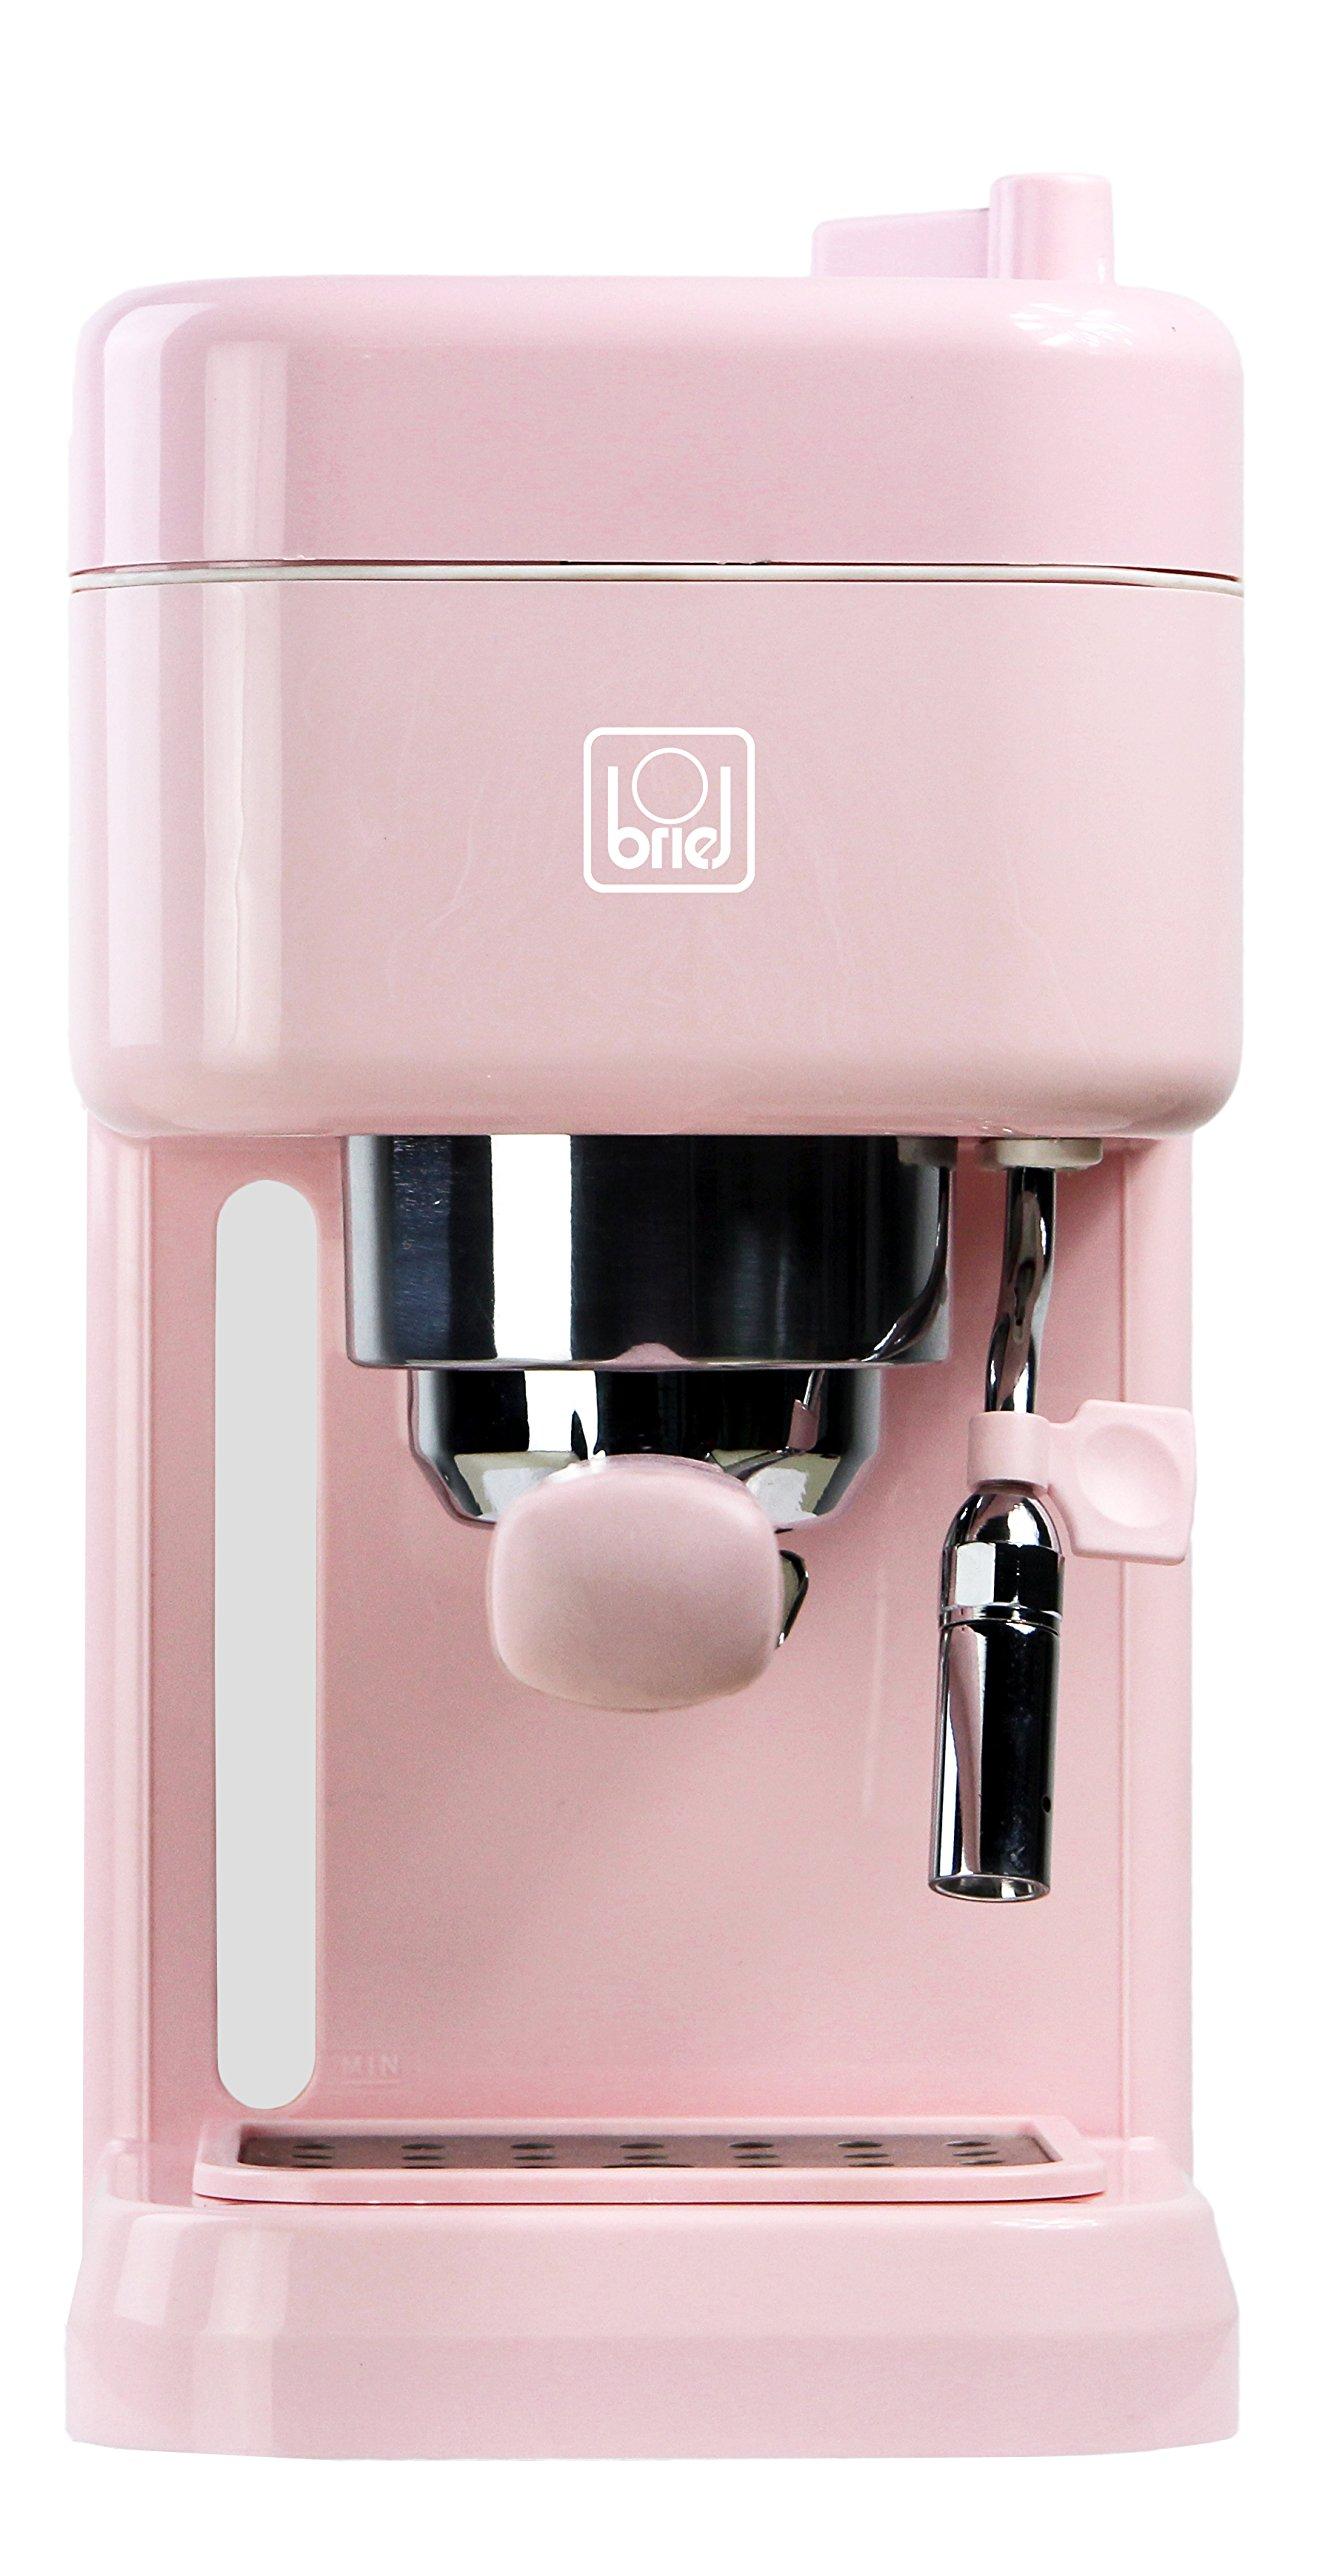 Briel ES14 - Cafetera expresso (ABS, 15 x 21,5 x 29 cm), color ...